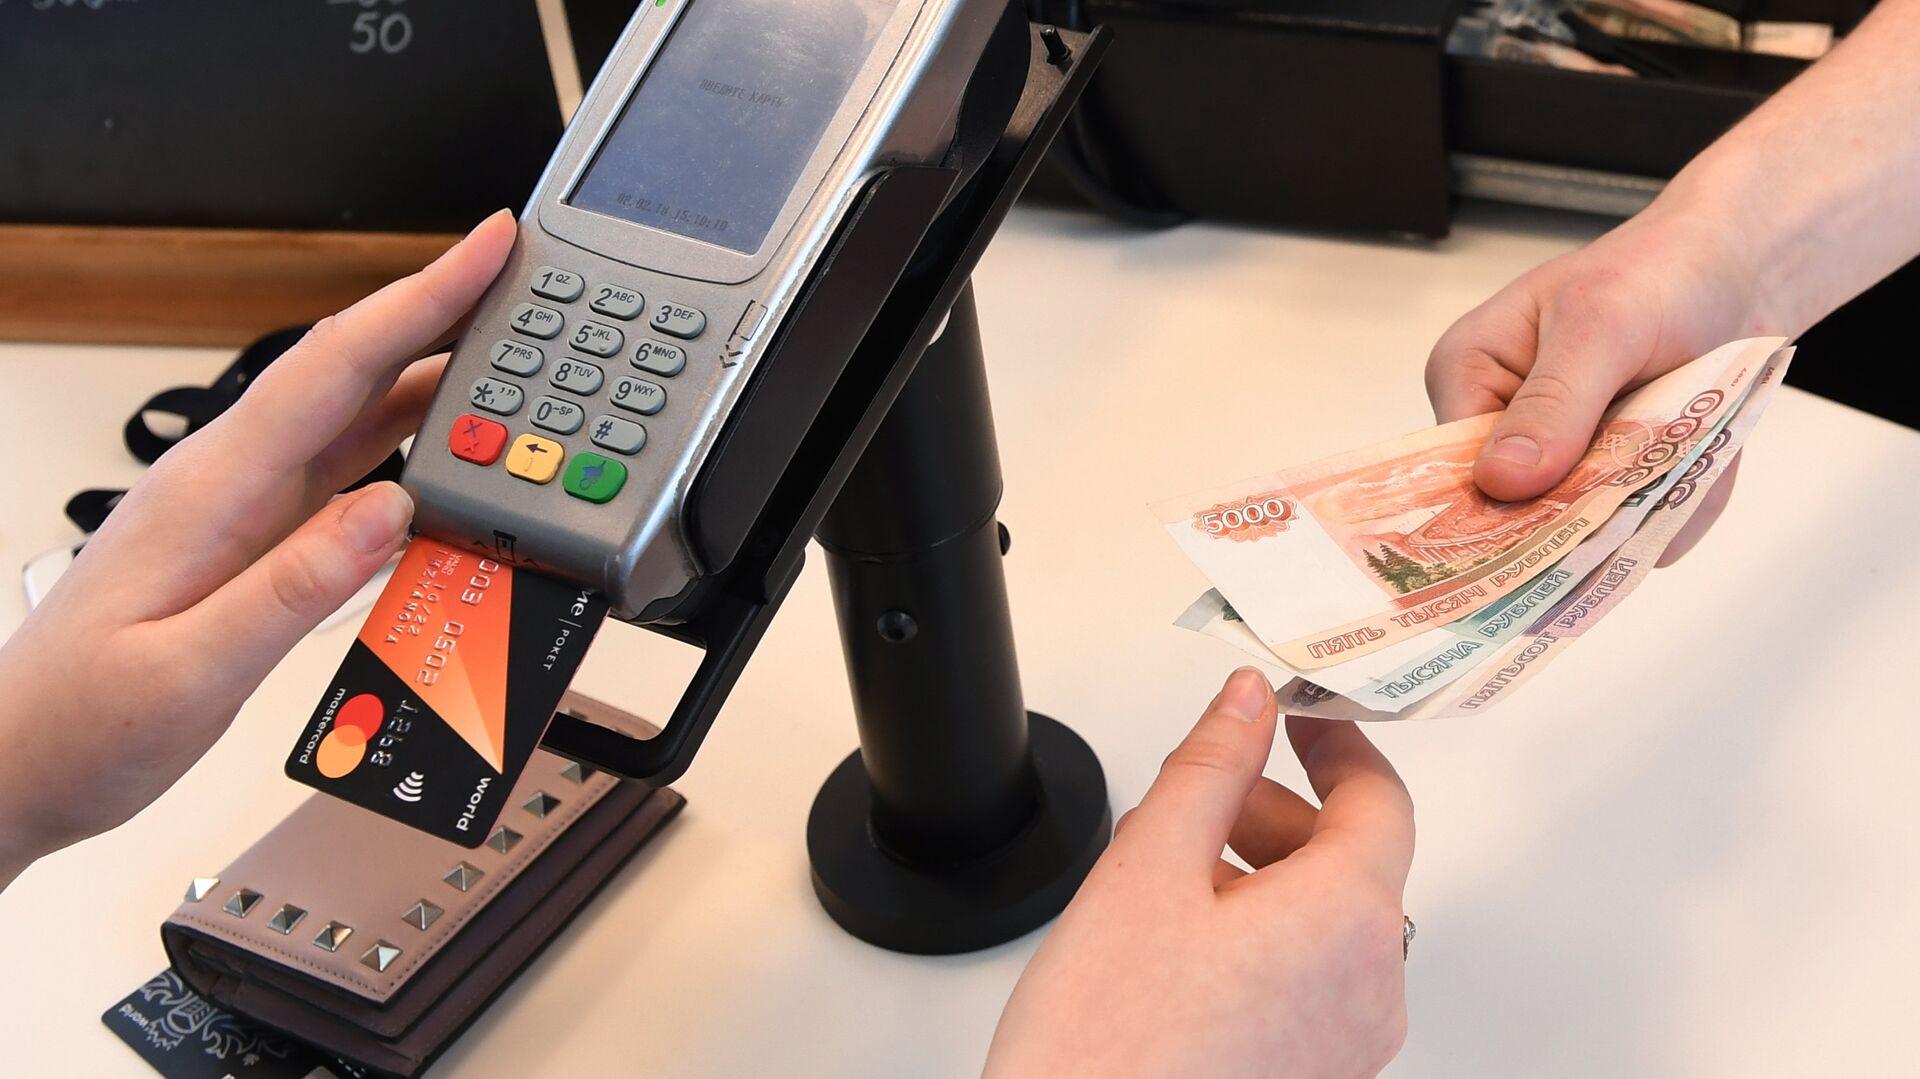 Расчет за заказ в кафе через терминал оплаты банковскими картами - РИА Новости, 1920, 05.09.2020